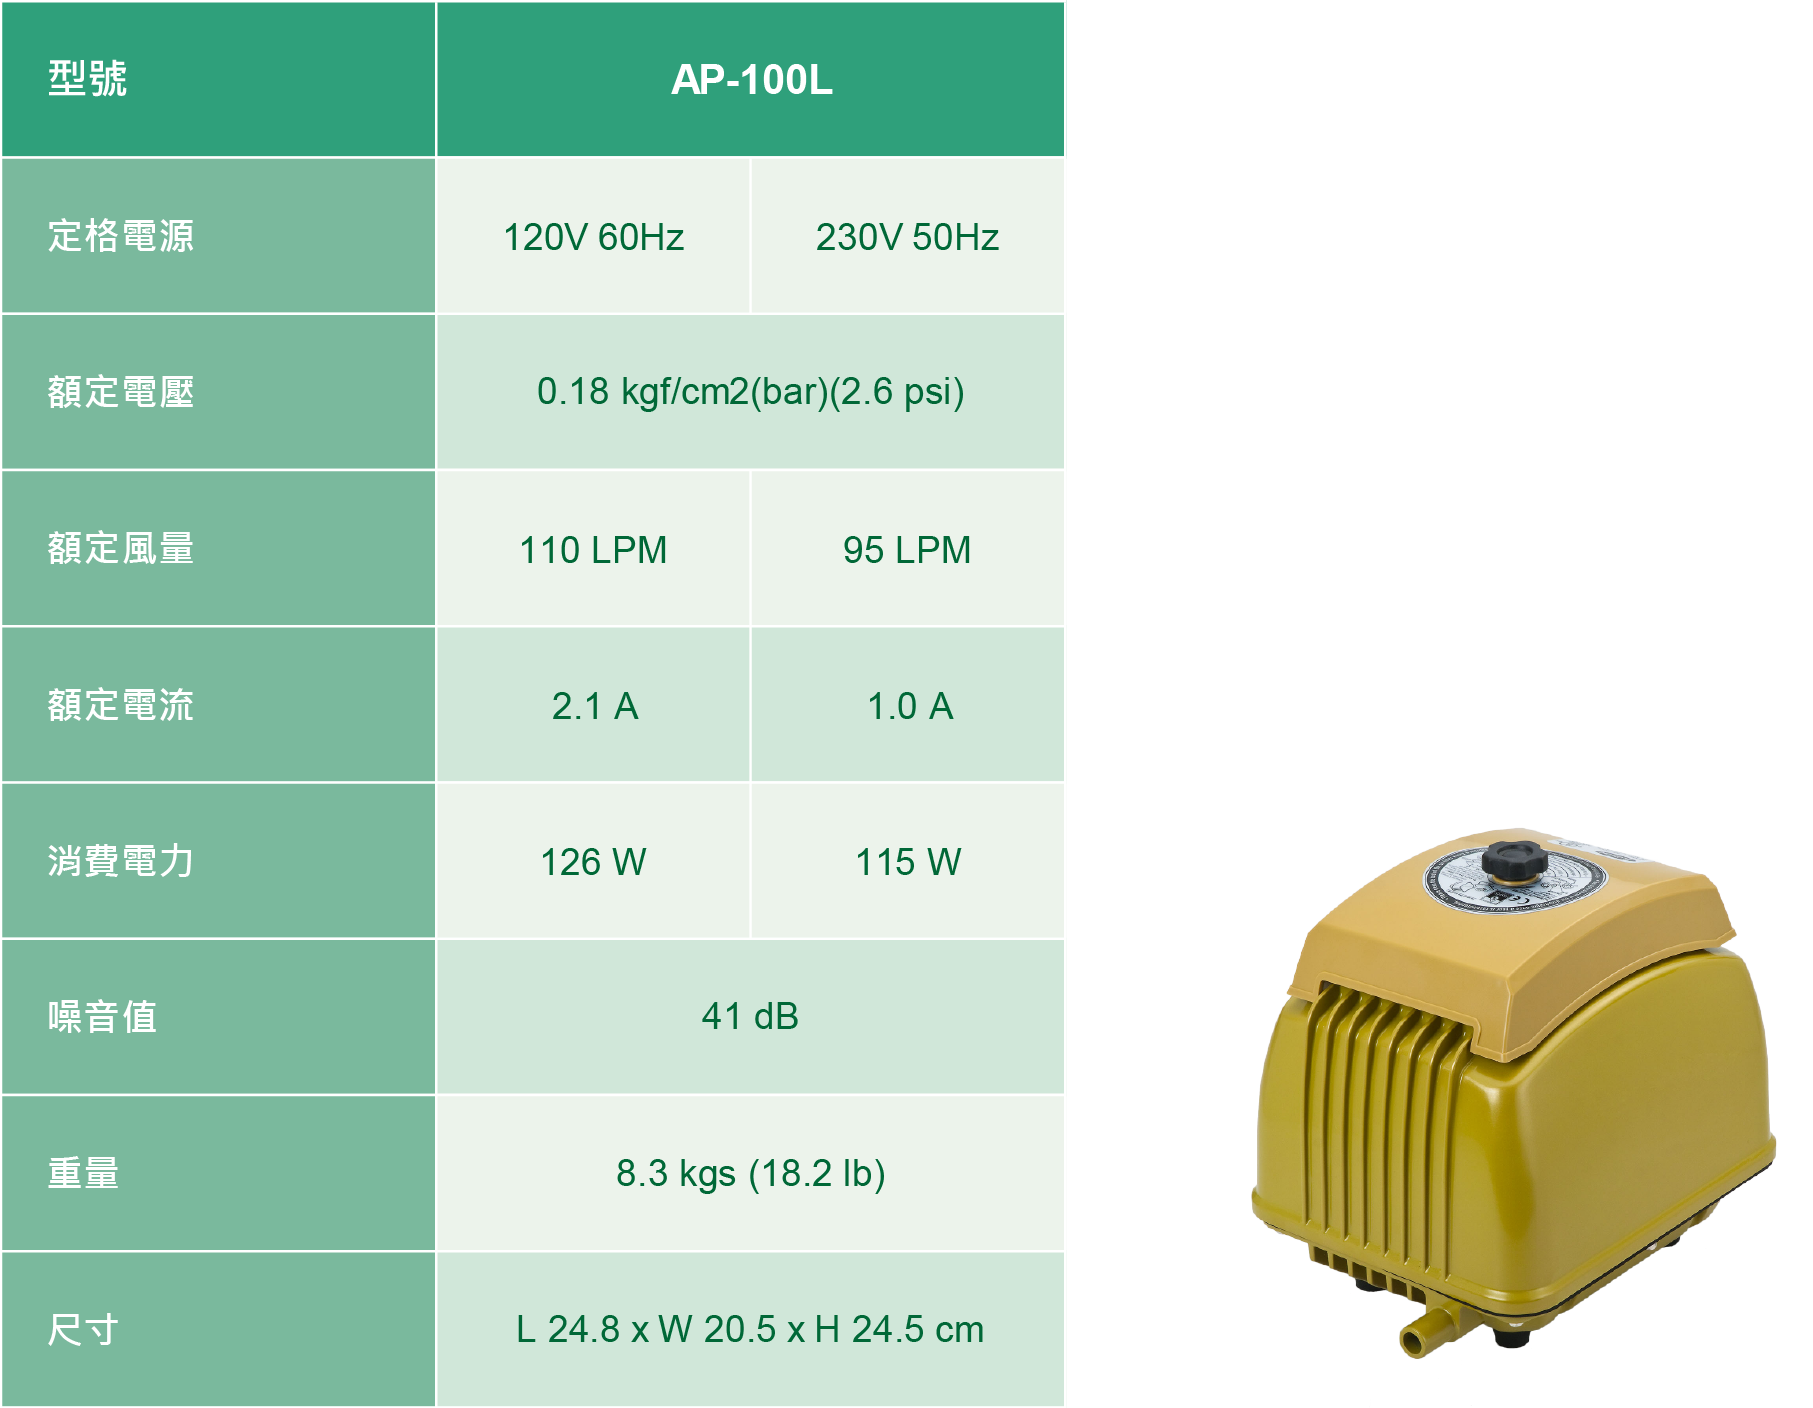 リニアエアーポンプAP-100L性能